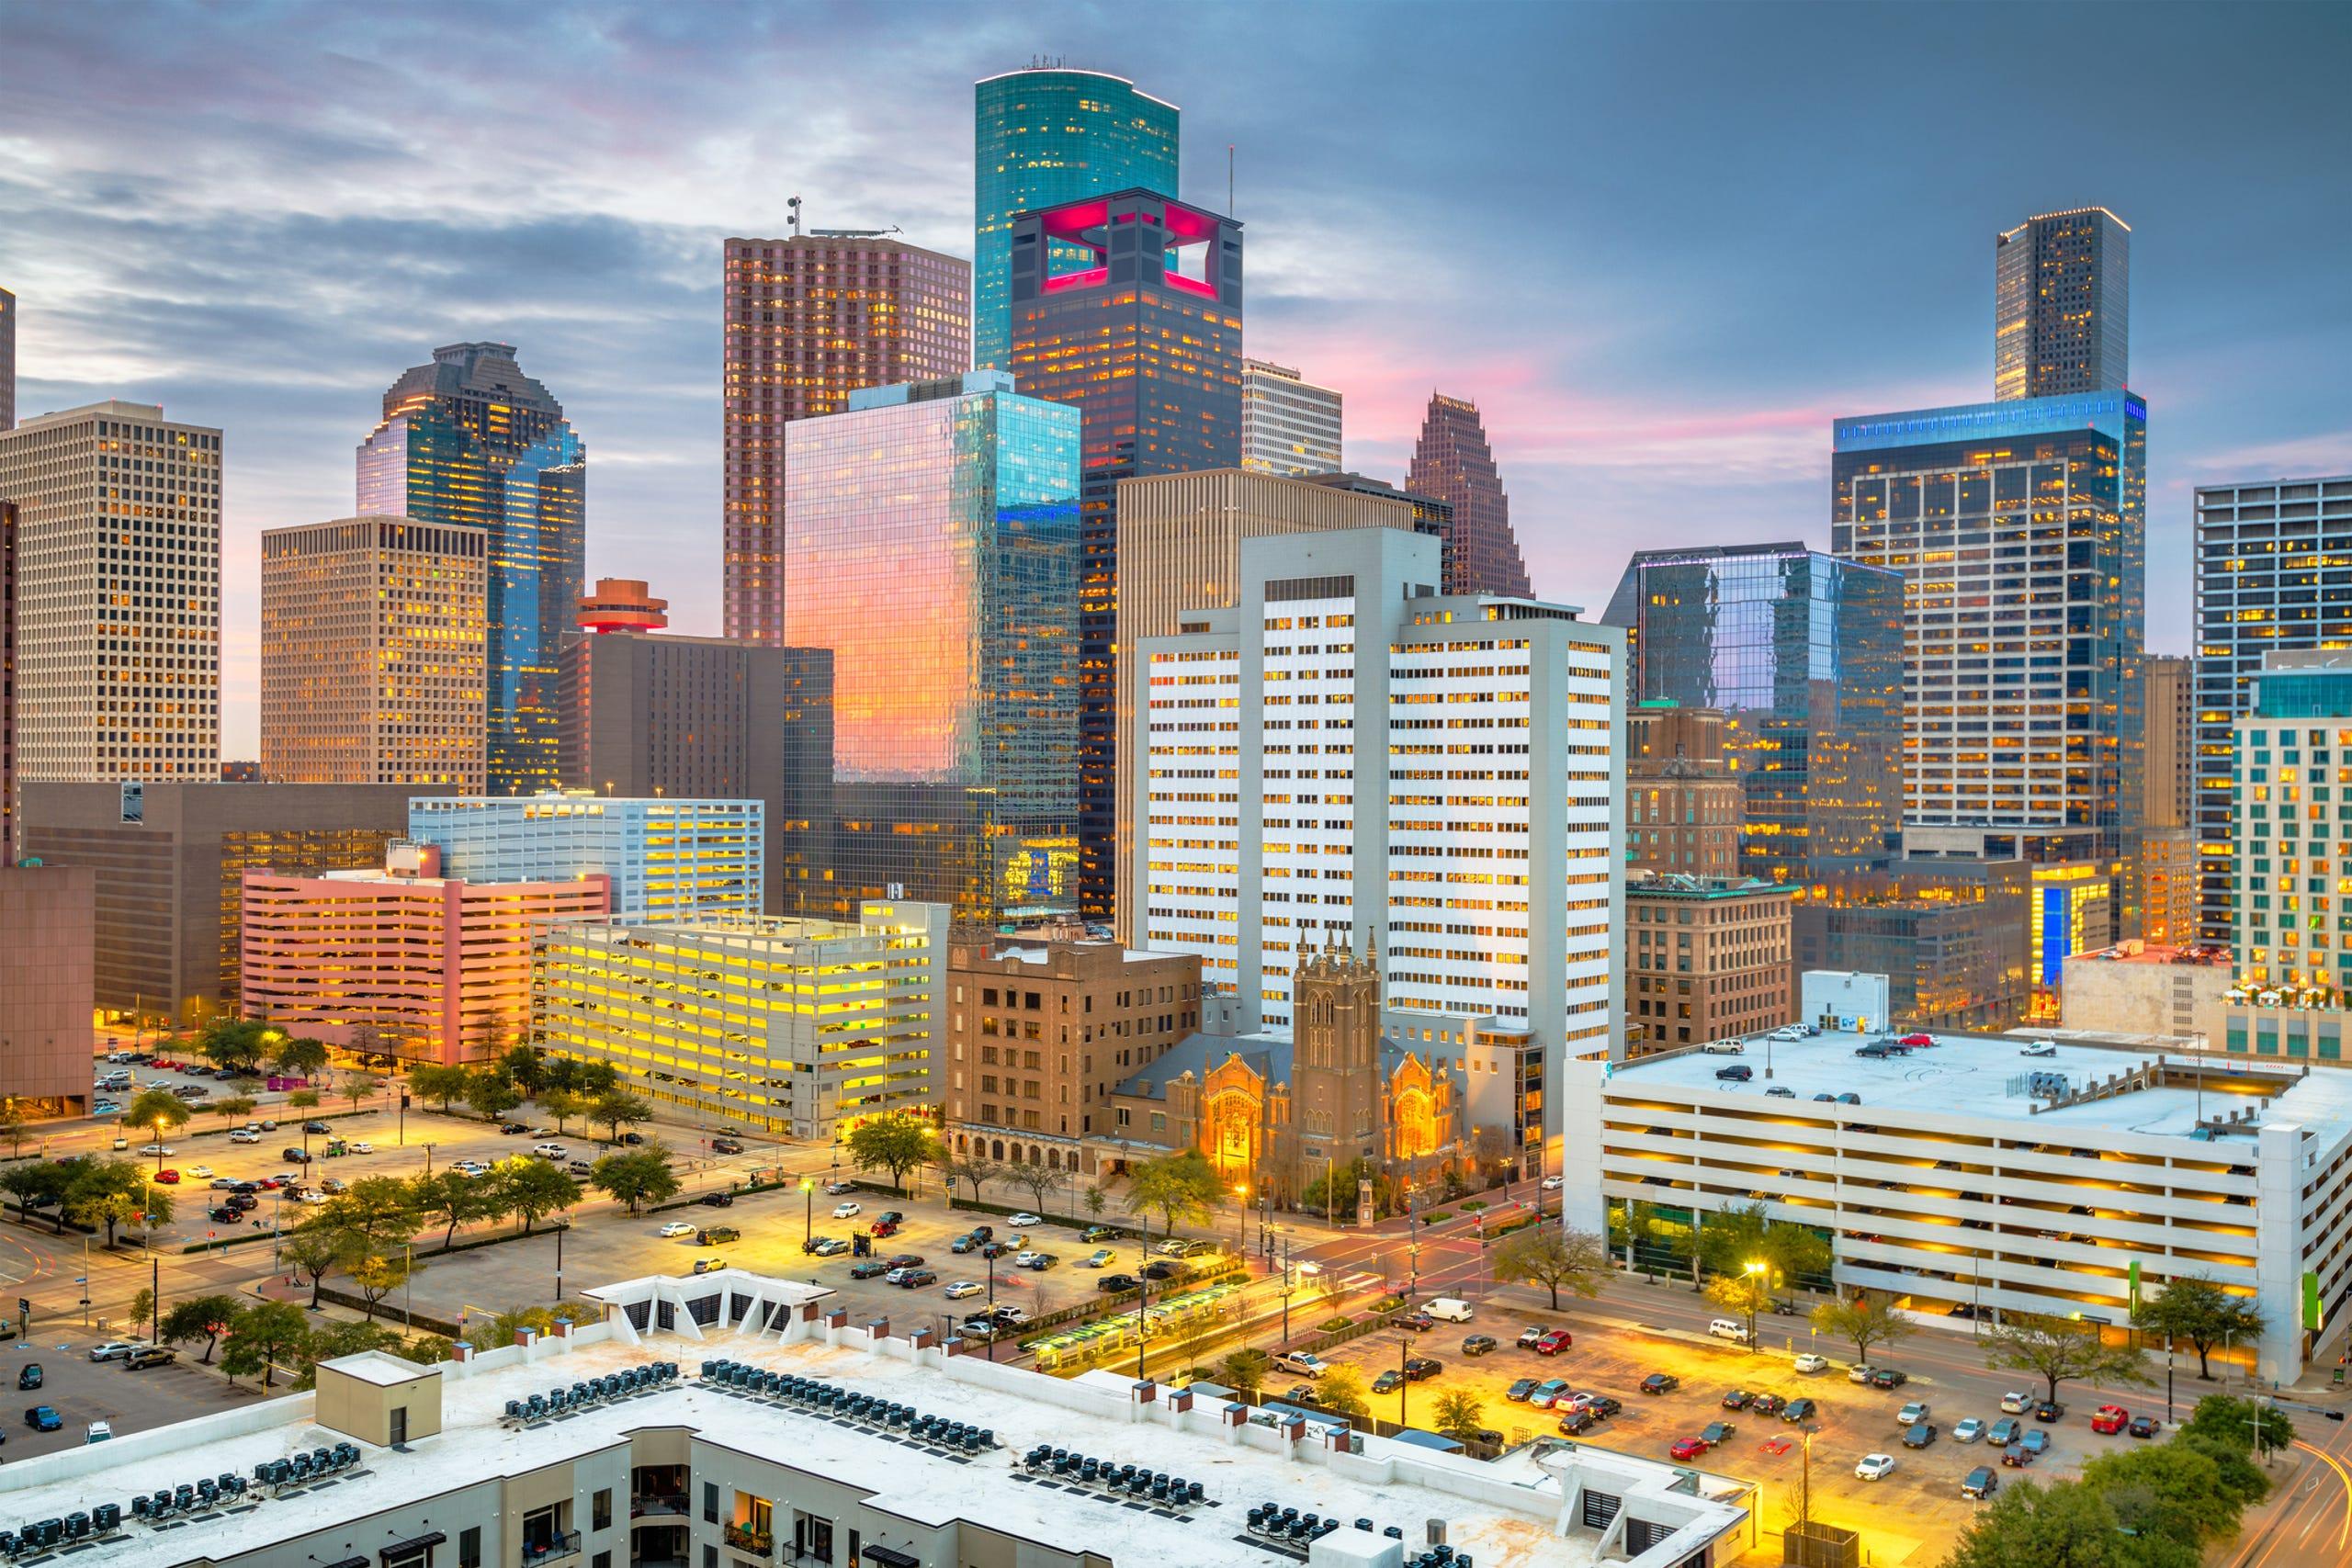 Most spontaneous city No. 3: Houston